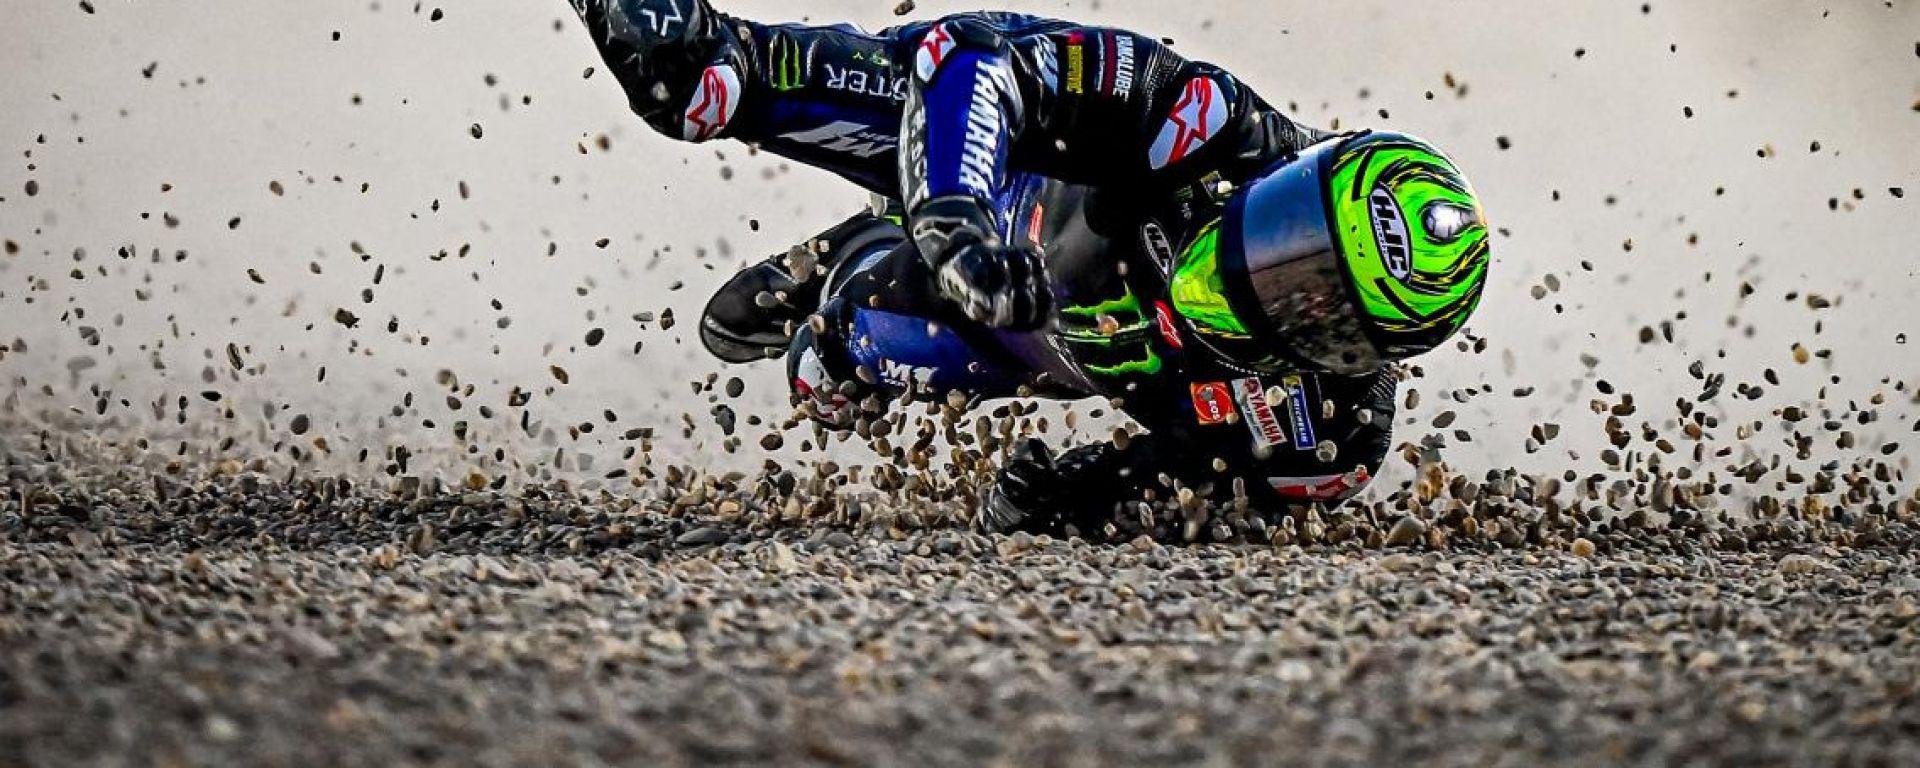 MotoGP Test 2021, Losail: la caduta di Cal Crutchlow (Yamaha)